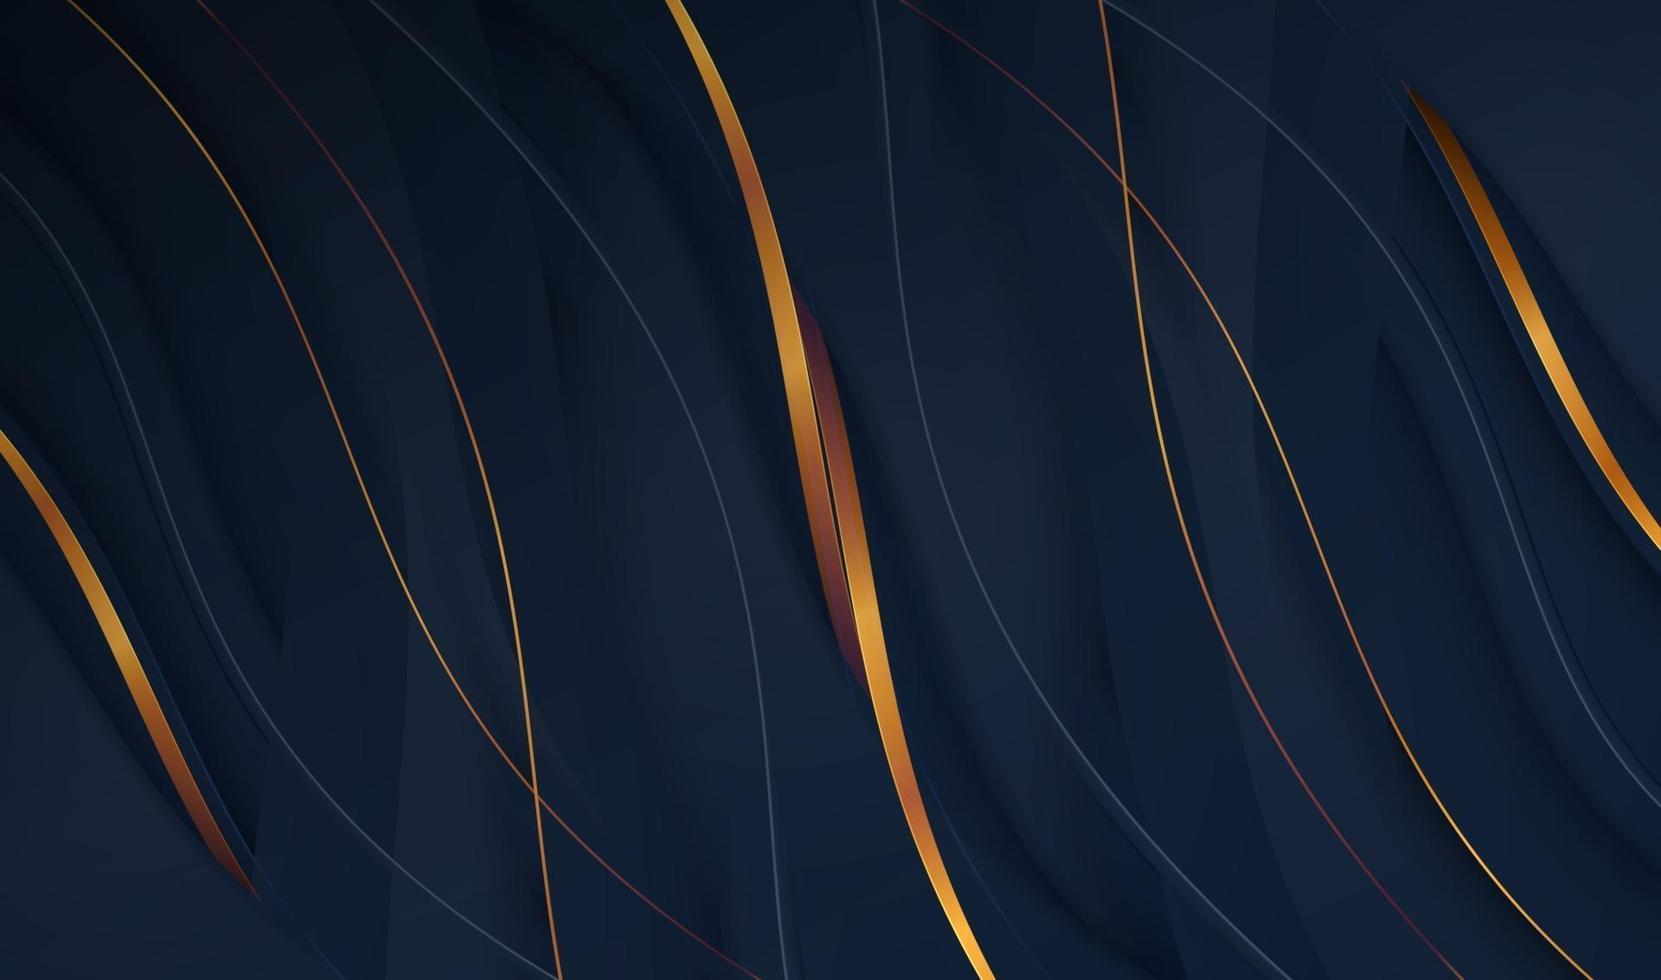 Papier coupé fond d'or de luxe avec texture en métal 3d abstrait, pour carte-cadeau, affiche sur le modèle d'affiche de mur, page de destination, ui, ux, livre de couverture, bannière, vecteur